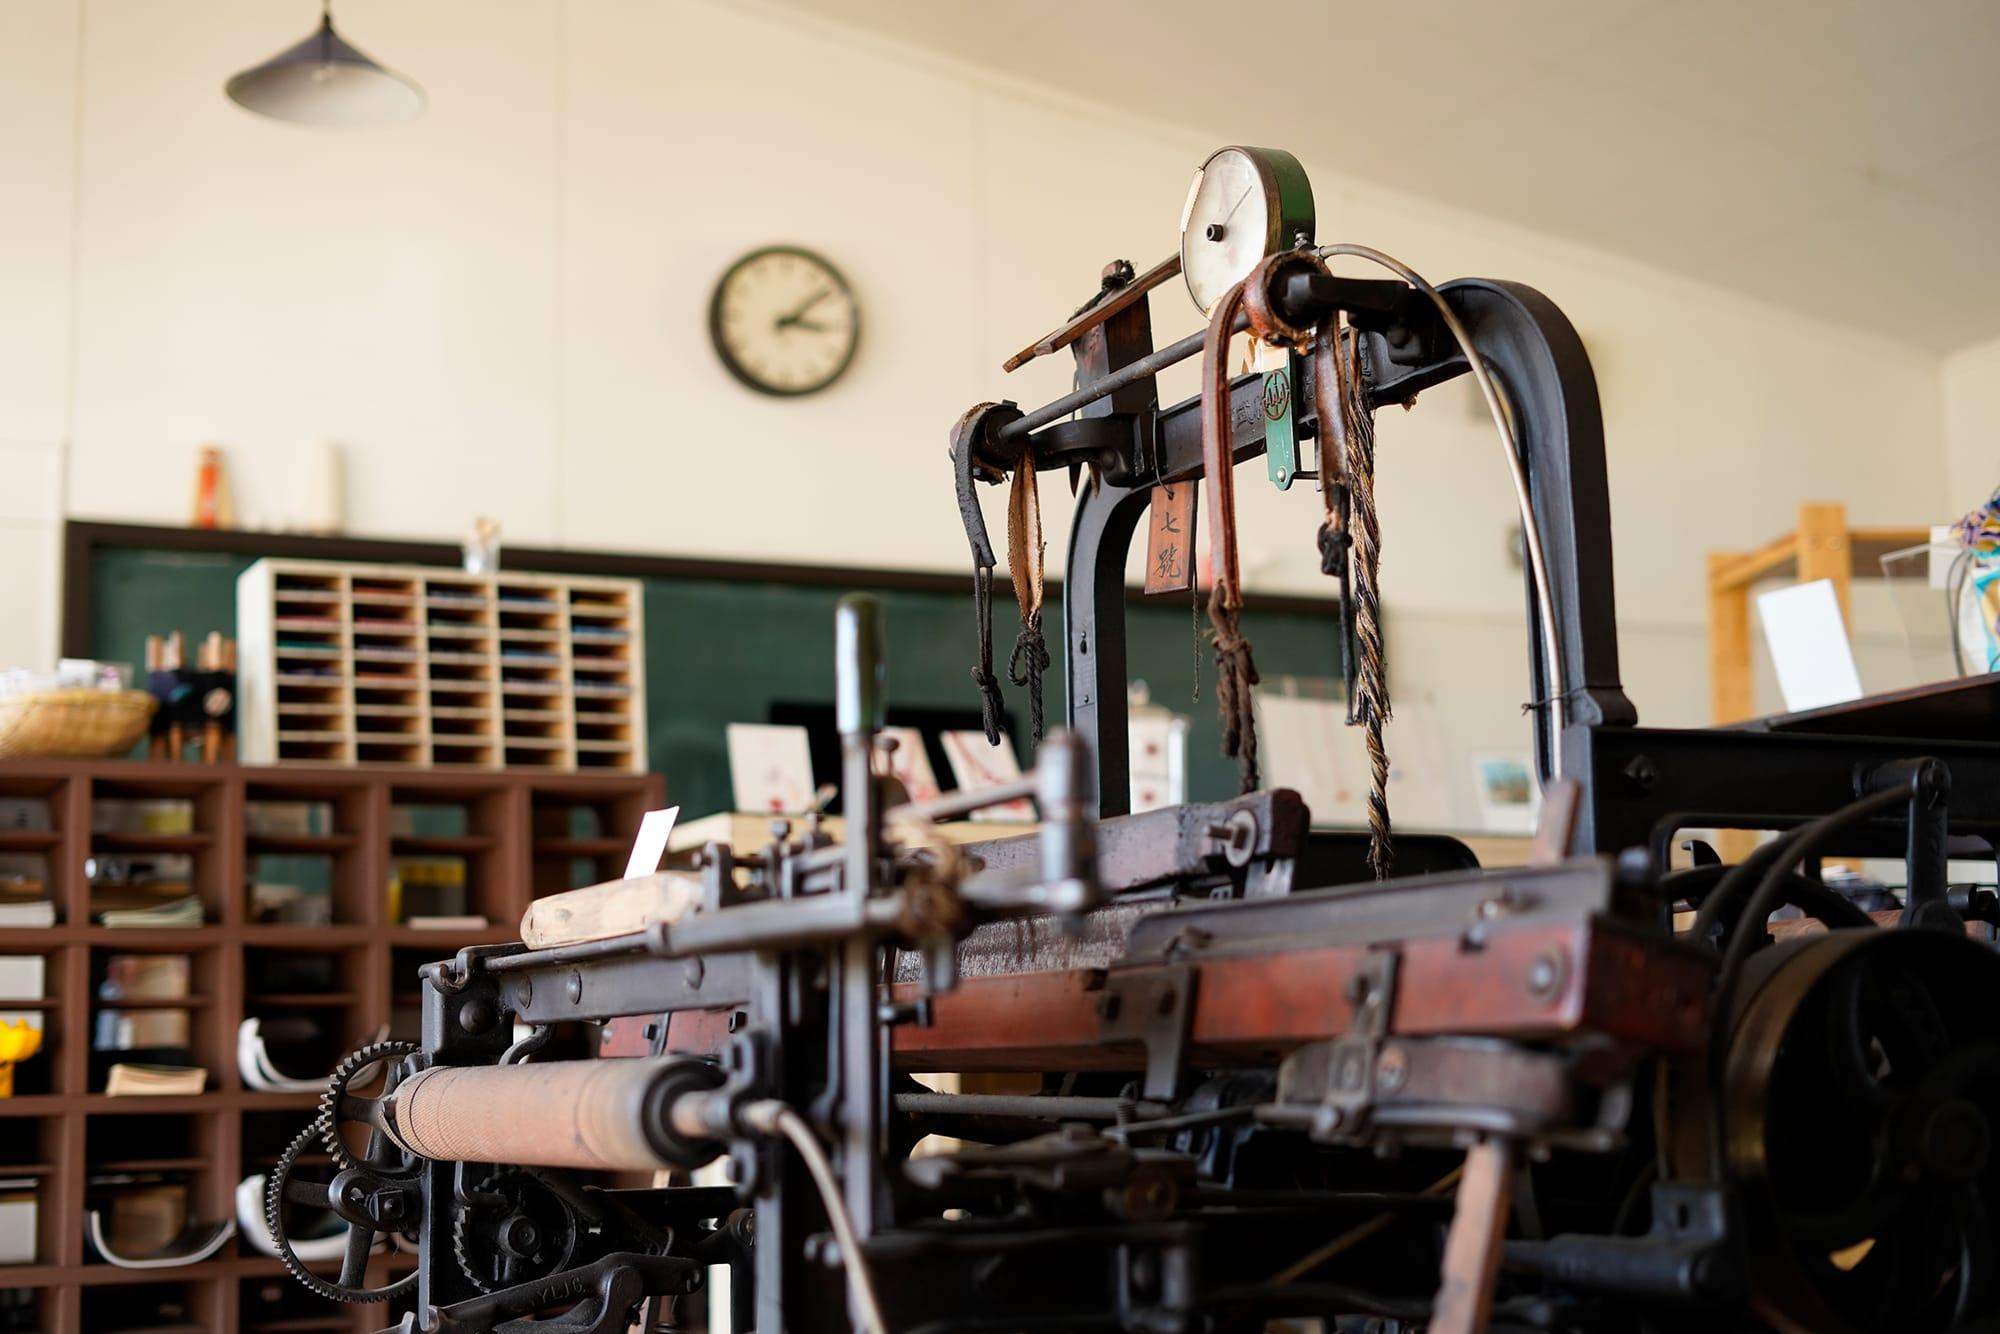 古い織機のため、たとえ故障しても新しい部品へ交換することはできない。そのためいまは使わなくなった織機の部品を使ったり、一から作るしかないとのこと。